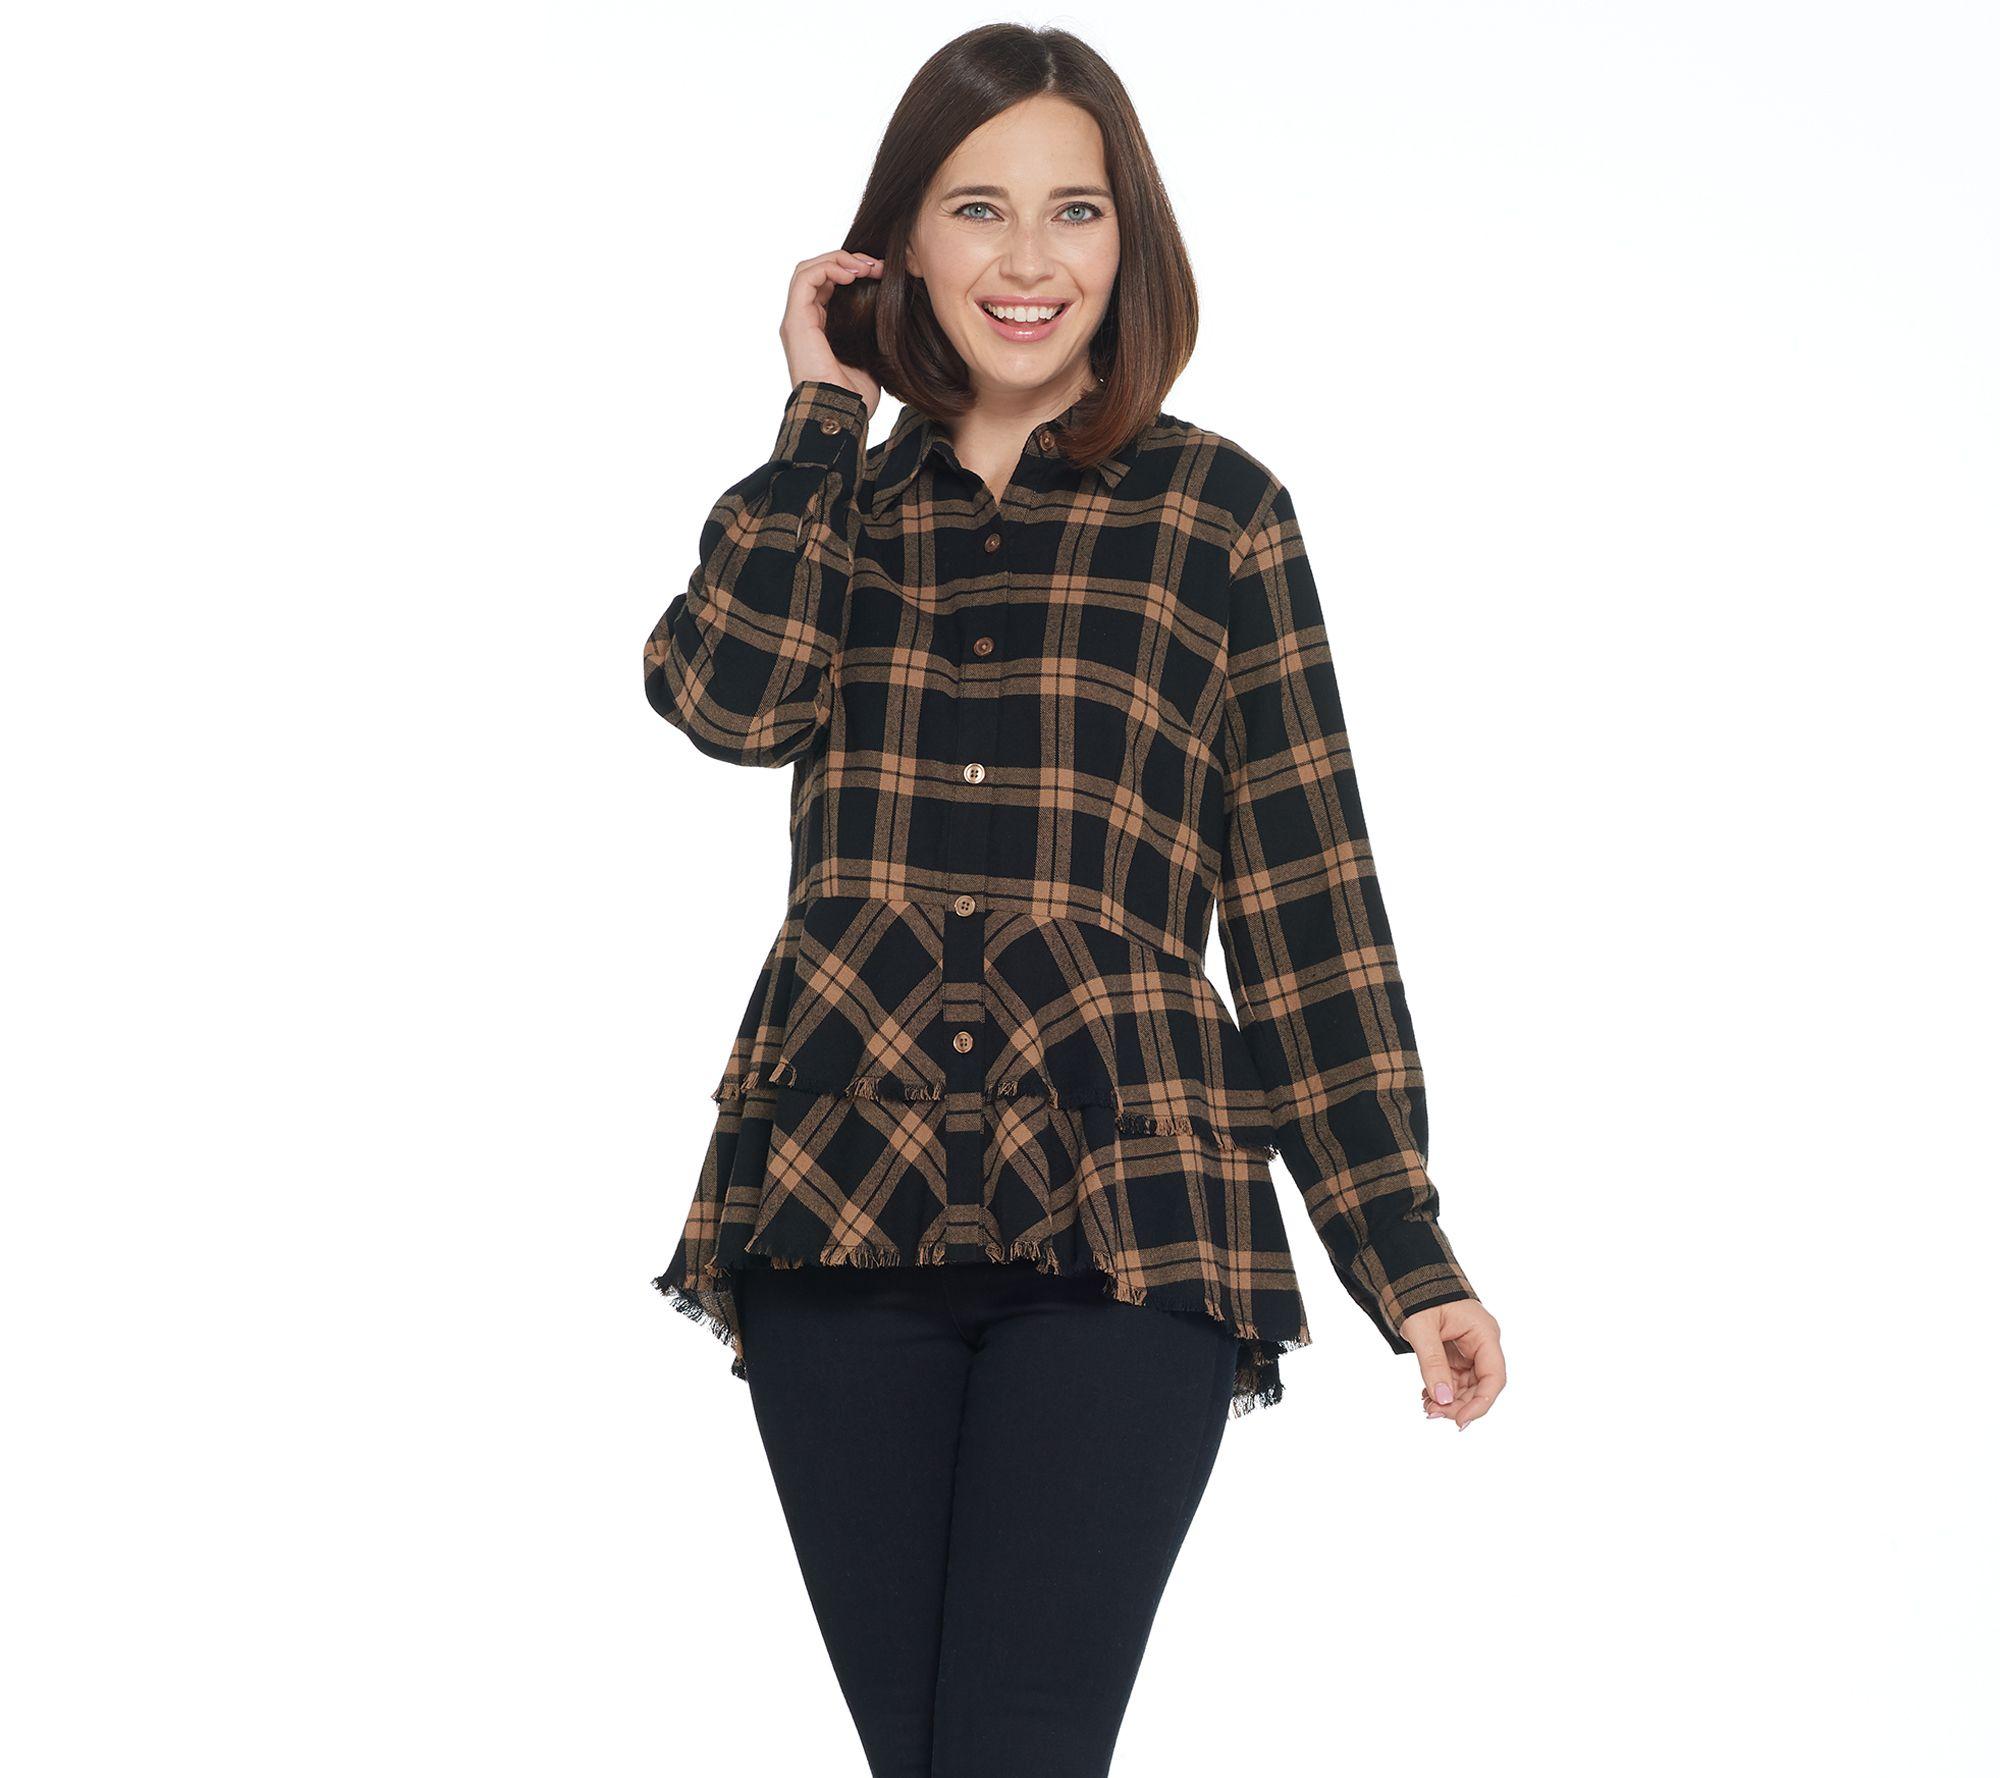 c6c8b167043a Joan Rivers Plaid Peplum Shirt with Fringe Hem - Page 1 — QVC.com